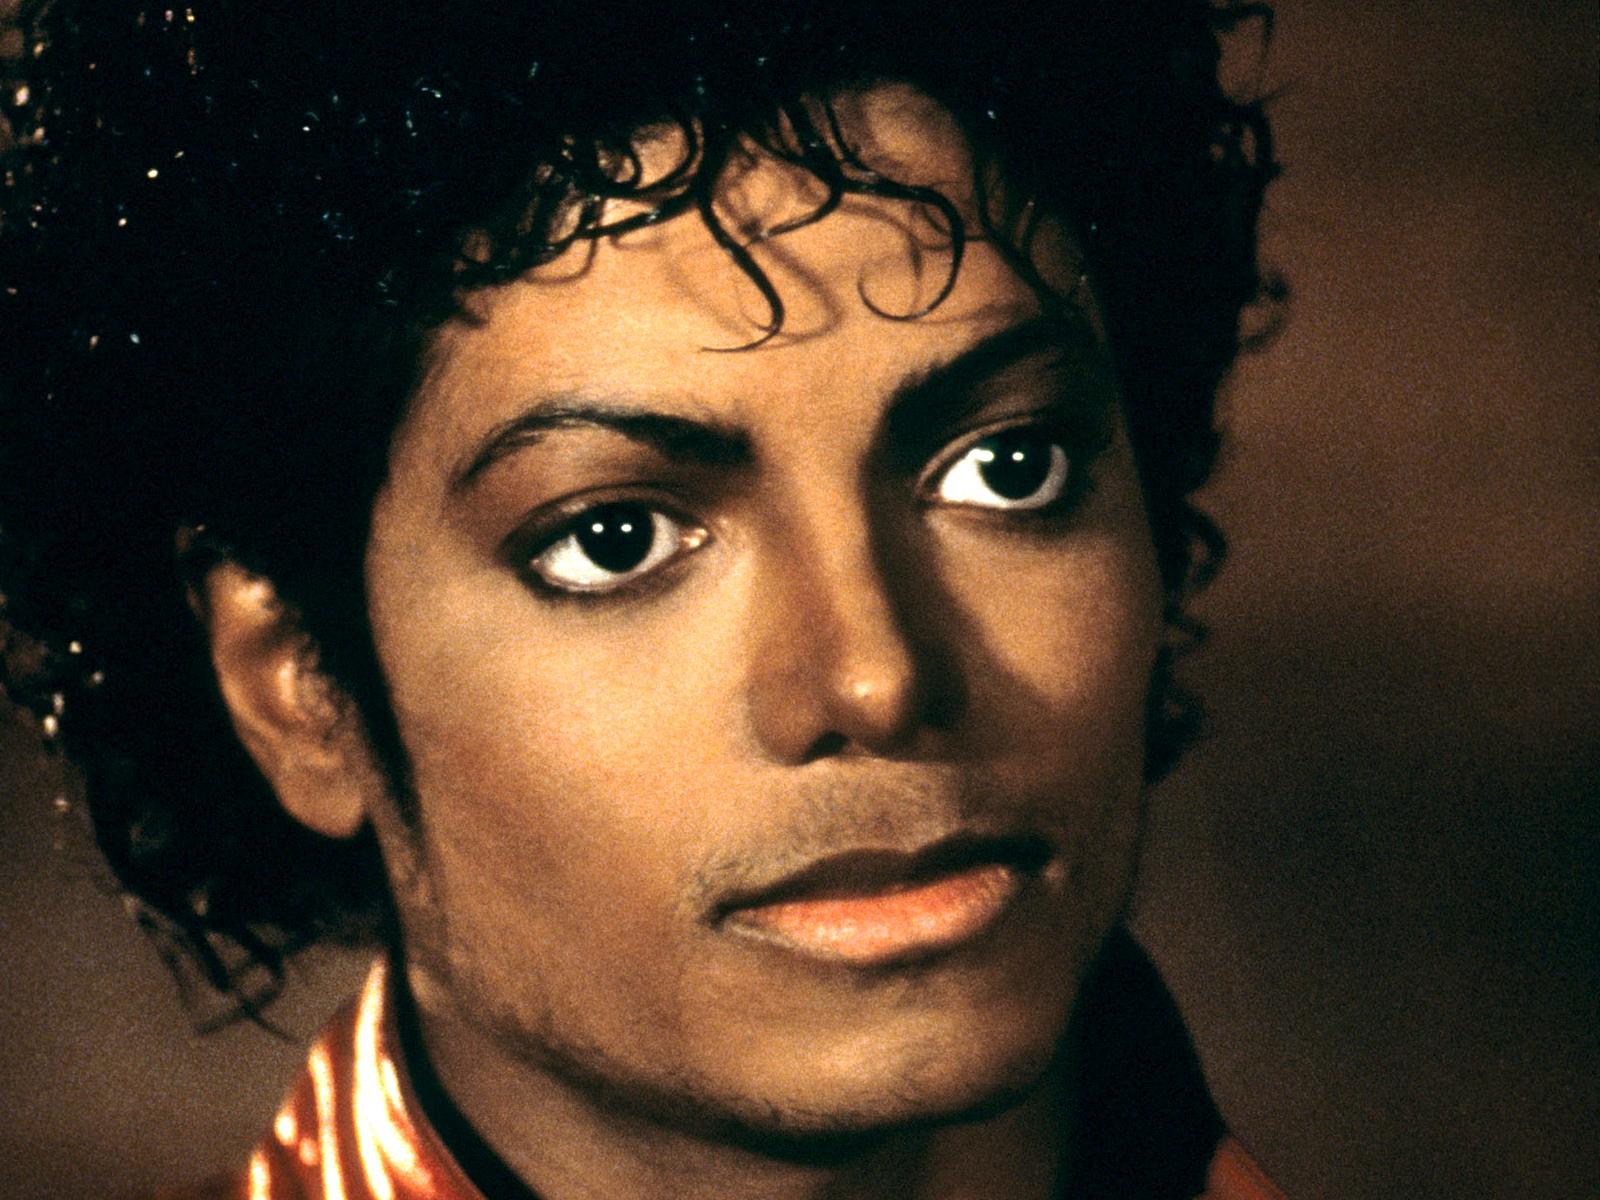 Пластическая хирургия - второе имя Майкла Джексона